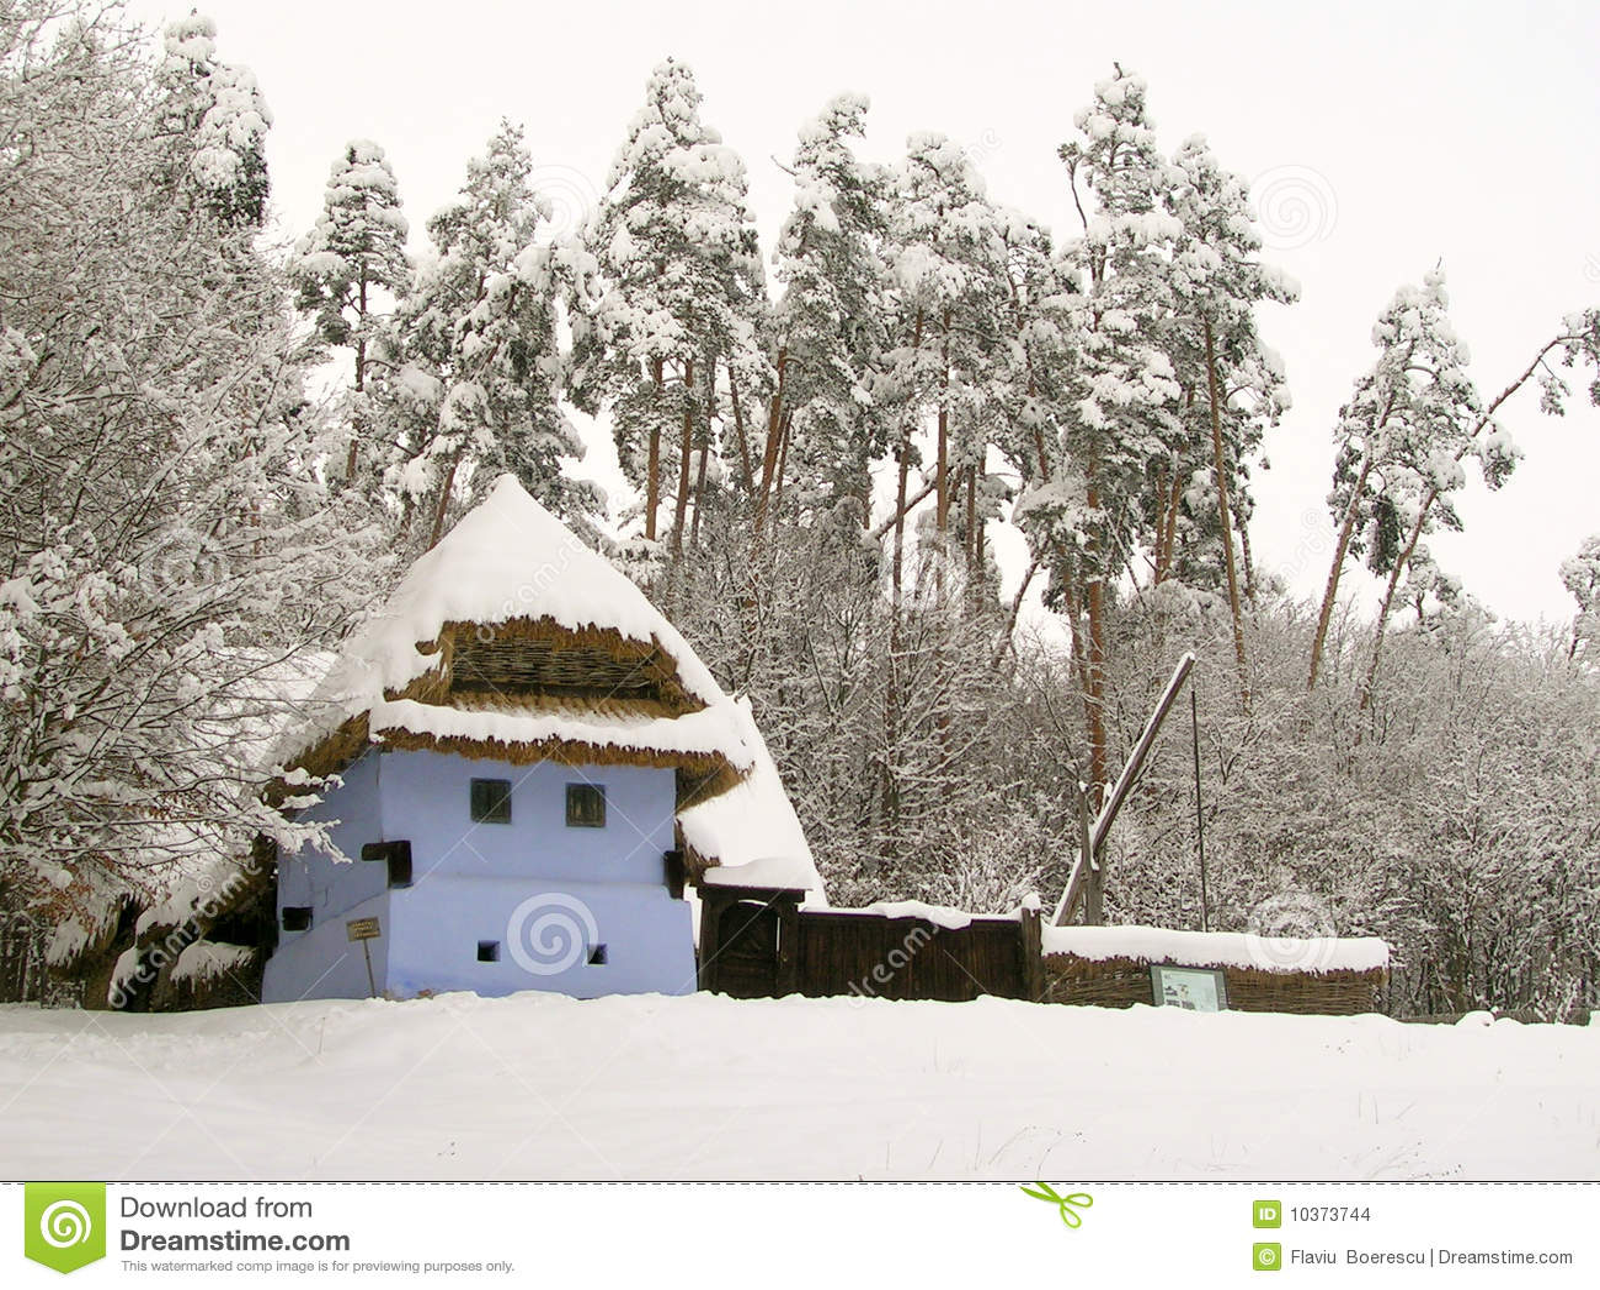 Lotniczy dom na wsi muzealny stary otwarty Sibiu